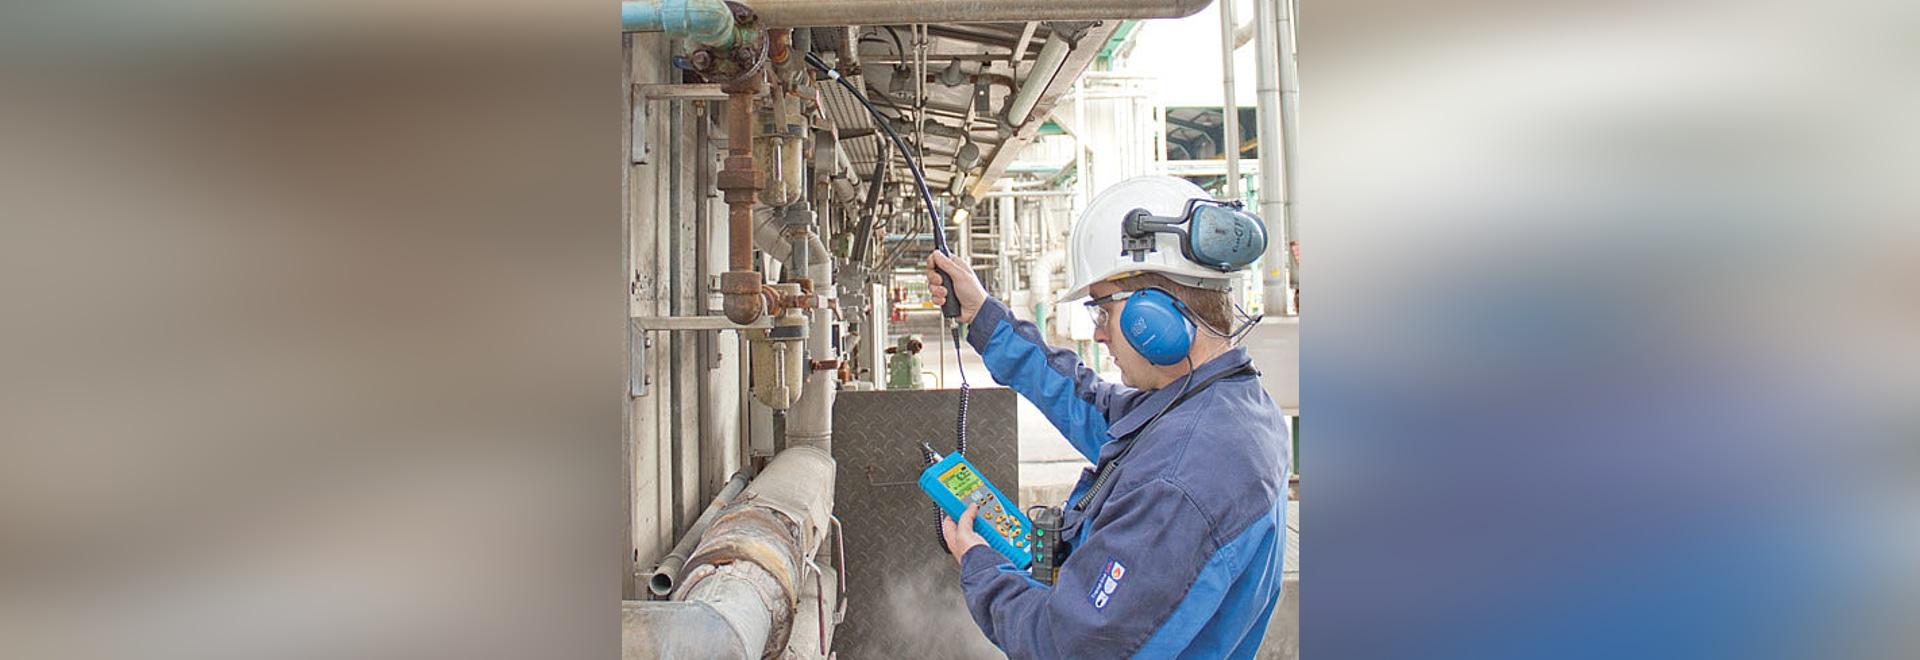 Druckluftnetz überlastet? Eliminieren Sie Lecks mit dem  SDT270-Detektor!